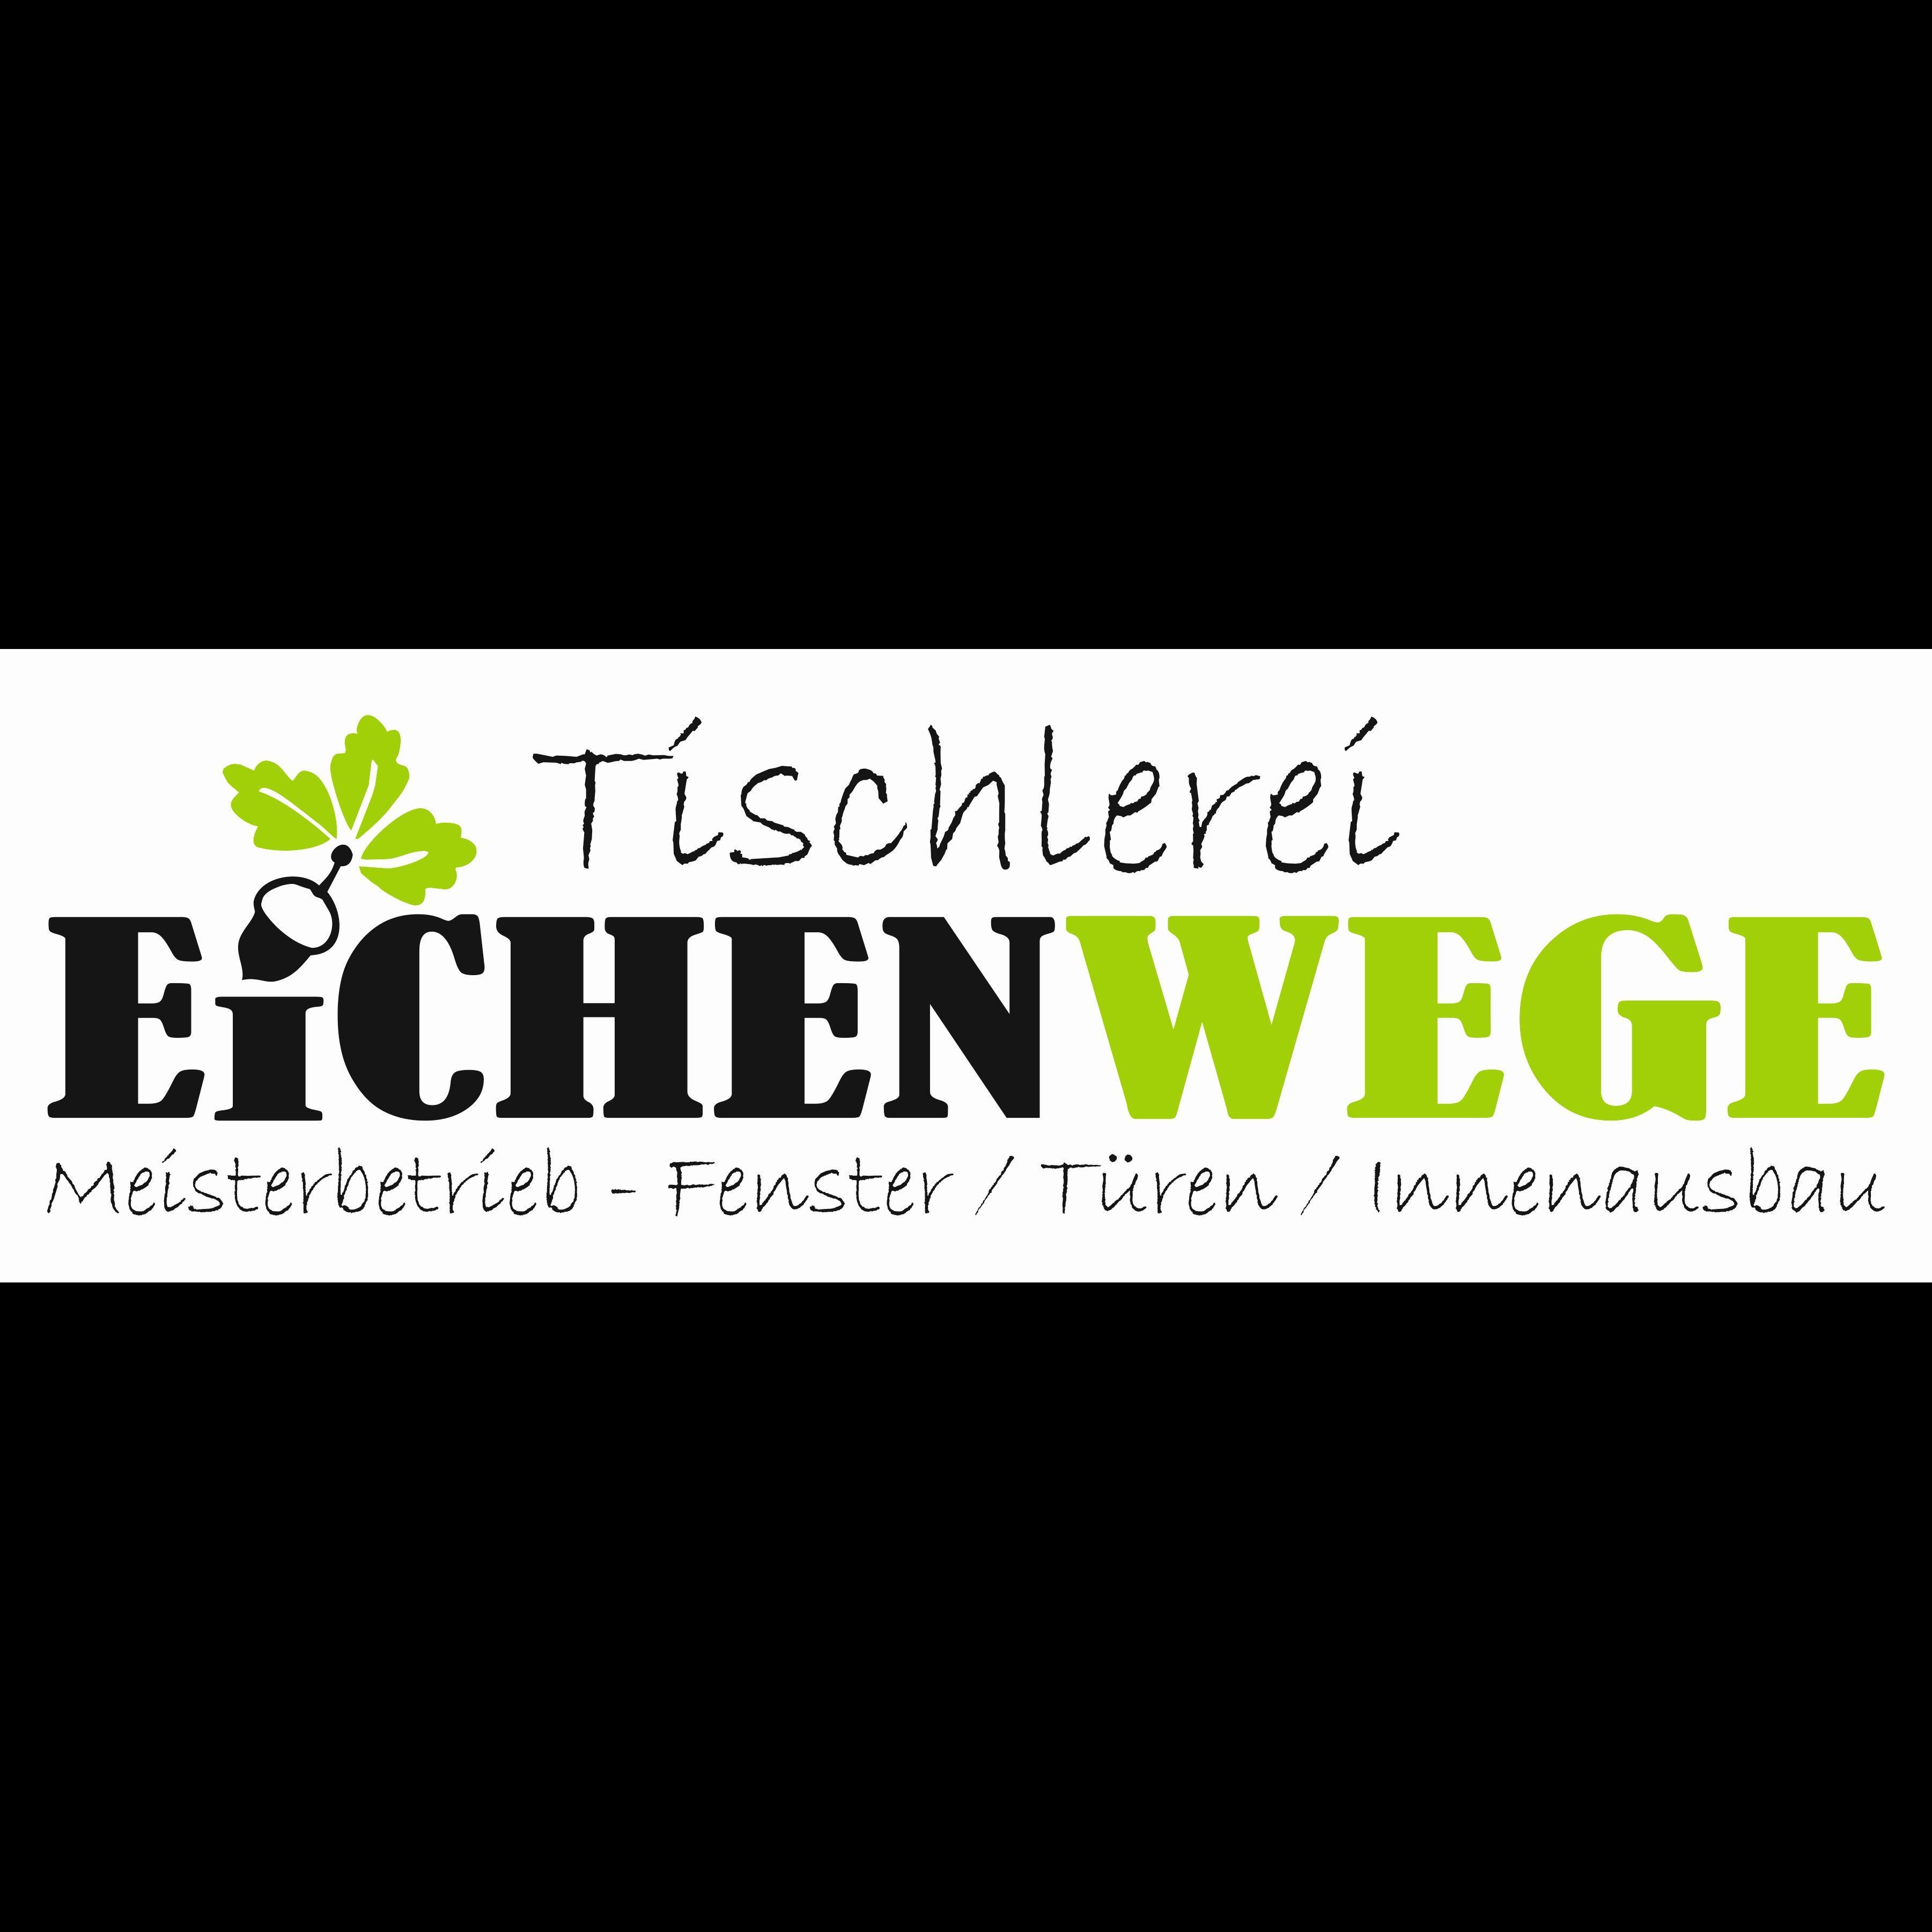 Eichenwege gbr fenster t ren innenausbau in 26345 for Suche innenarchitekt